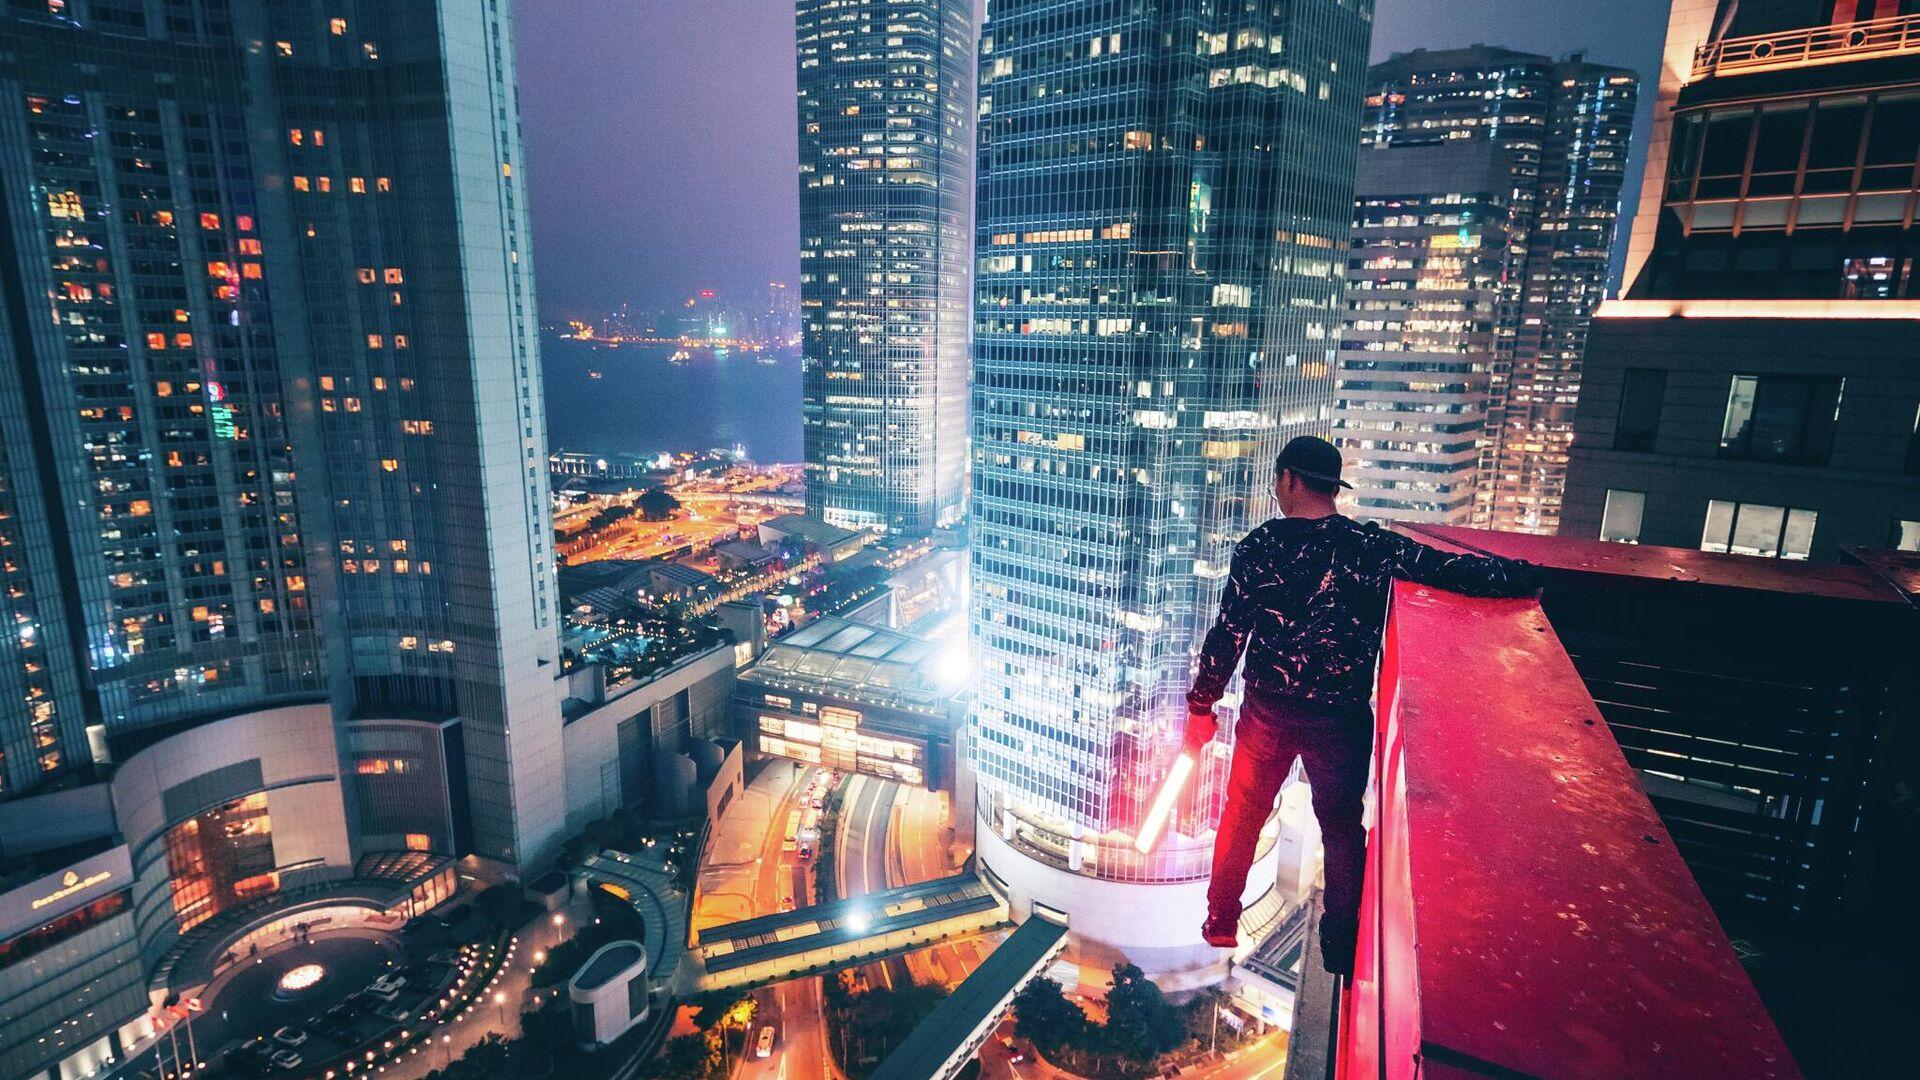 Un hombre en el techo (imagen referencial) - Sputnik Mundo, 1920, 24.06.2021